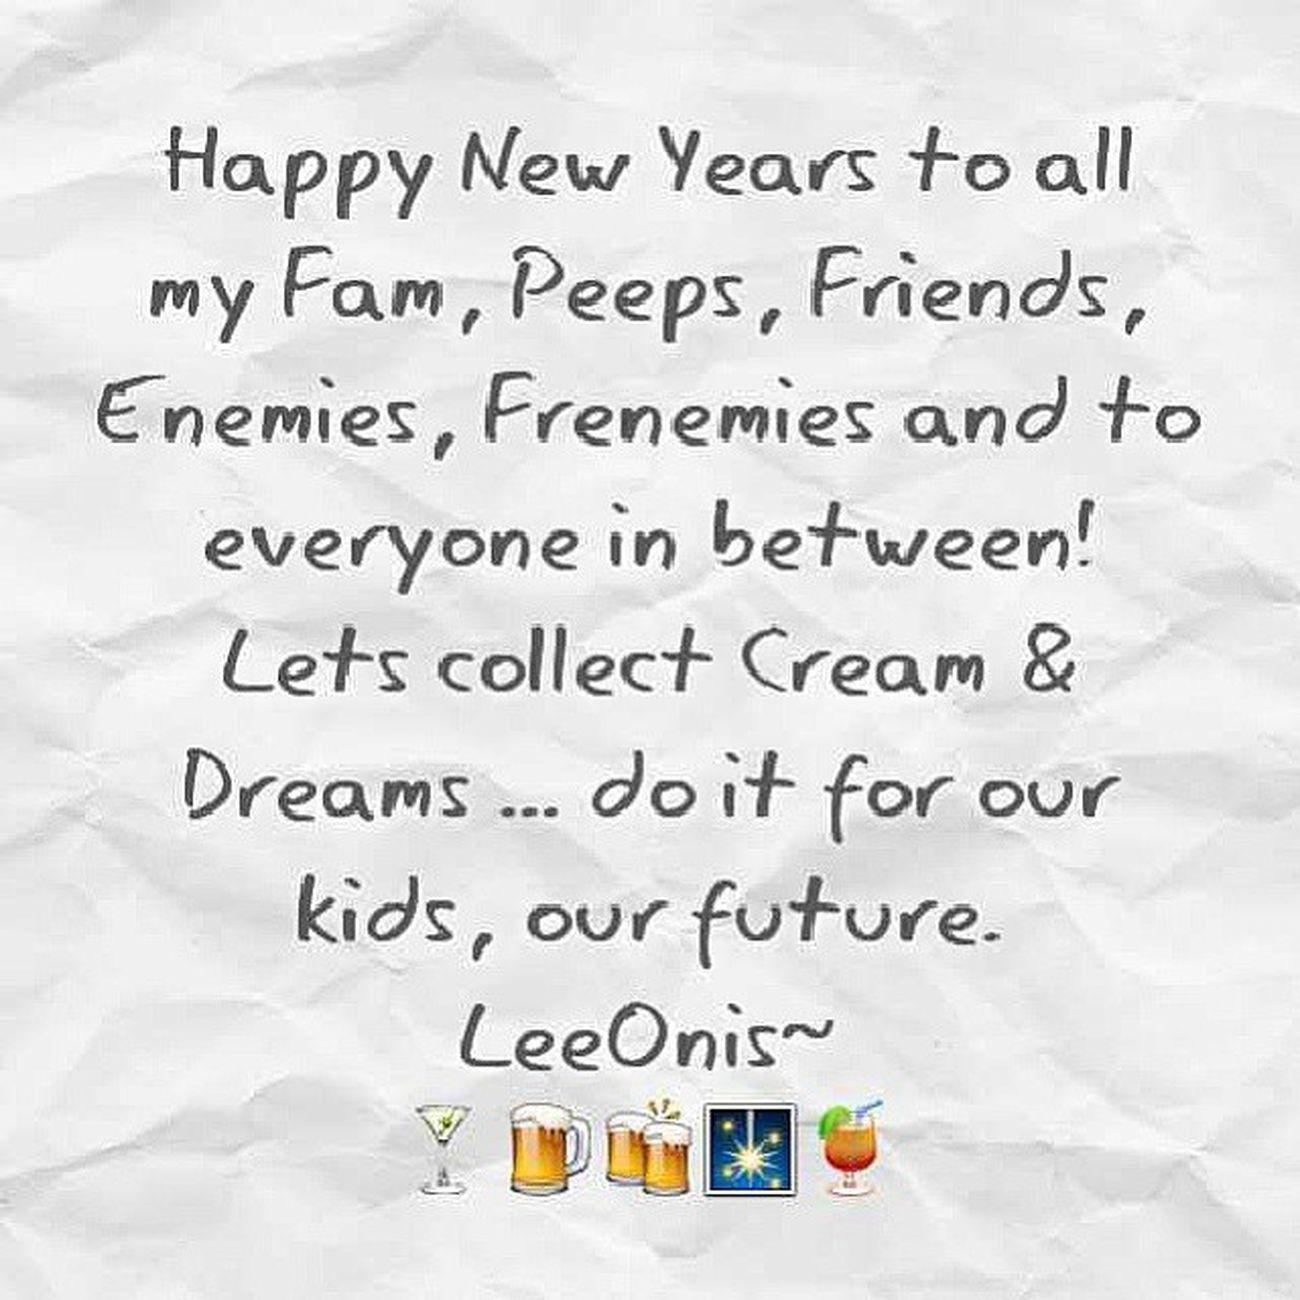 Happyholidays MerryChristmas Happynewyears 2015  Goodbye2014 Gofollow Repost LeeOnis